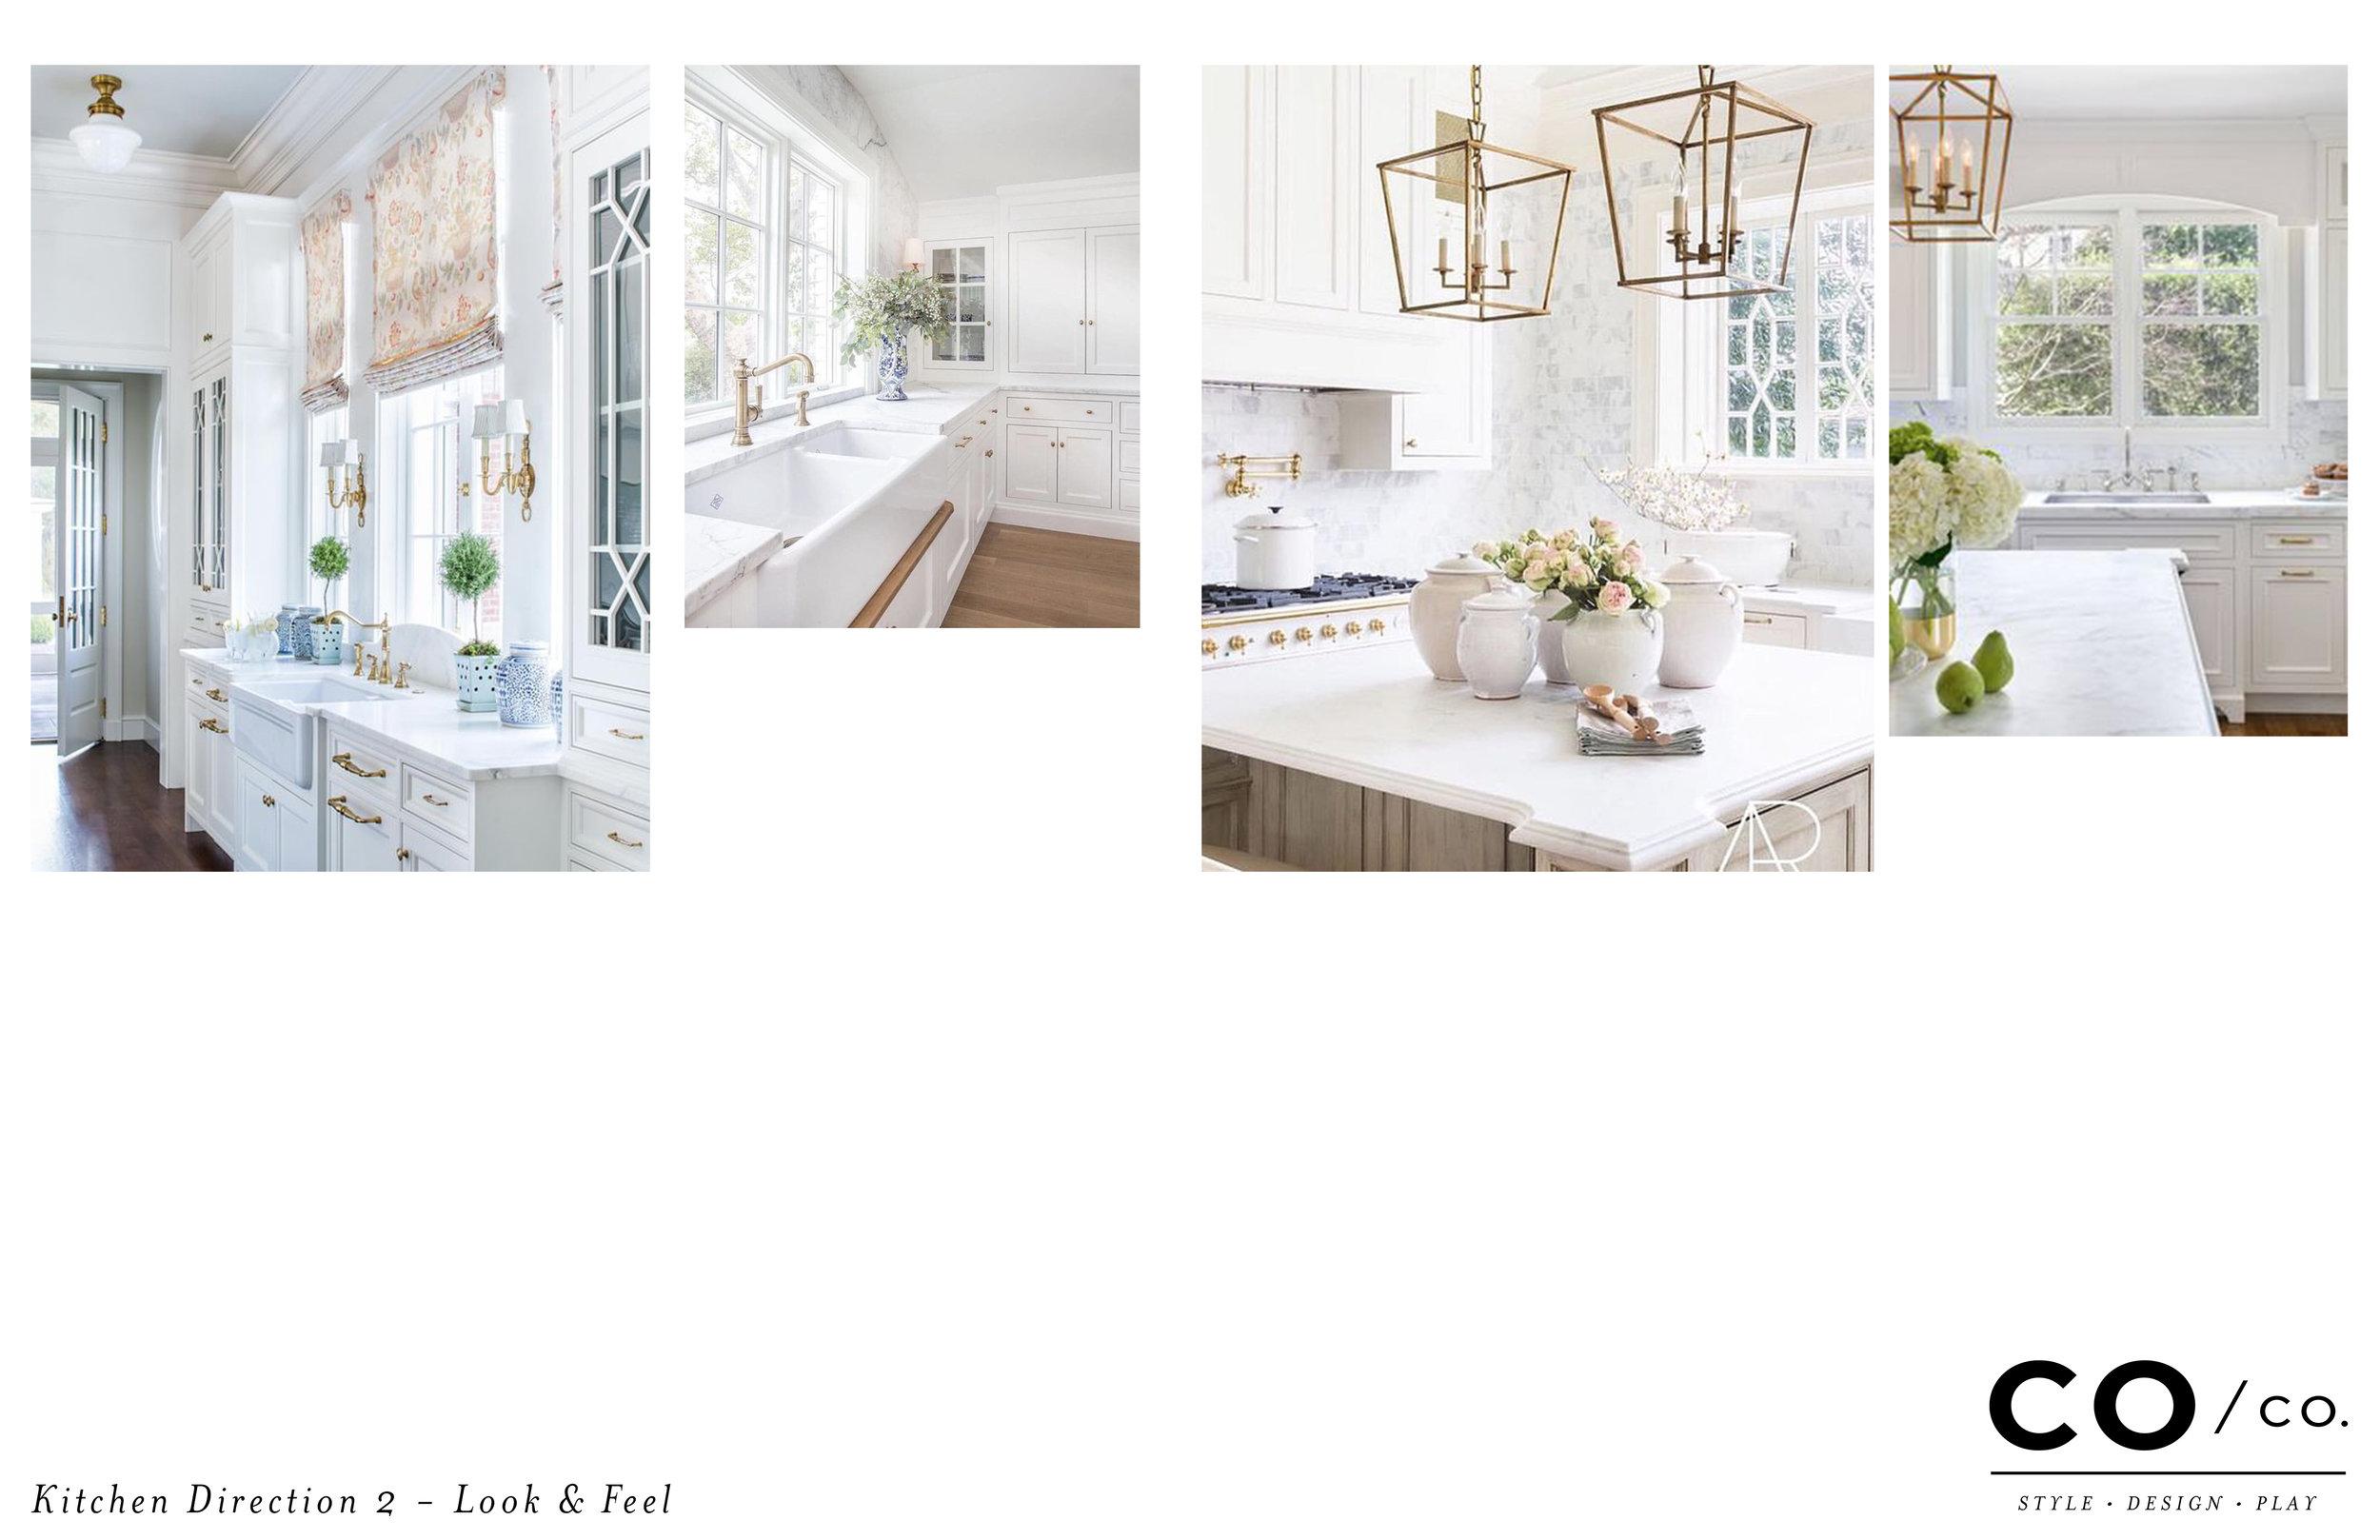 kitchen 1 stuff.jpg